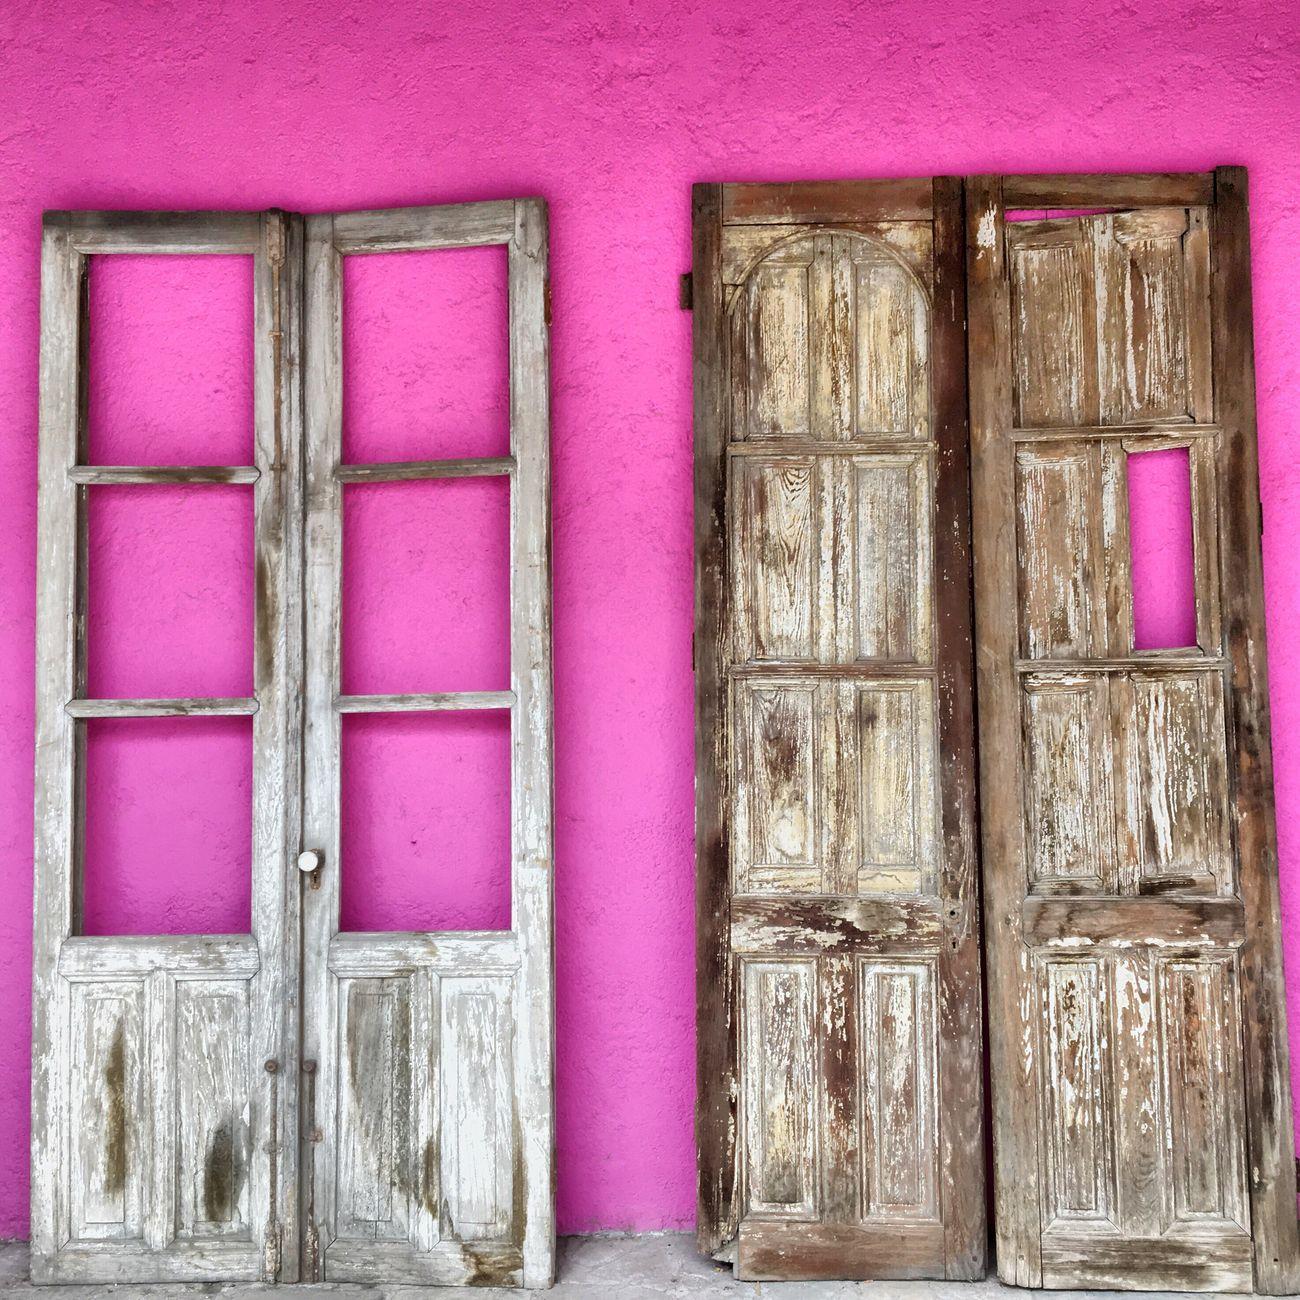 Doors Rustic Door Architecture Colors Pink IPhoneography